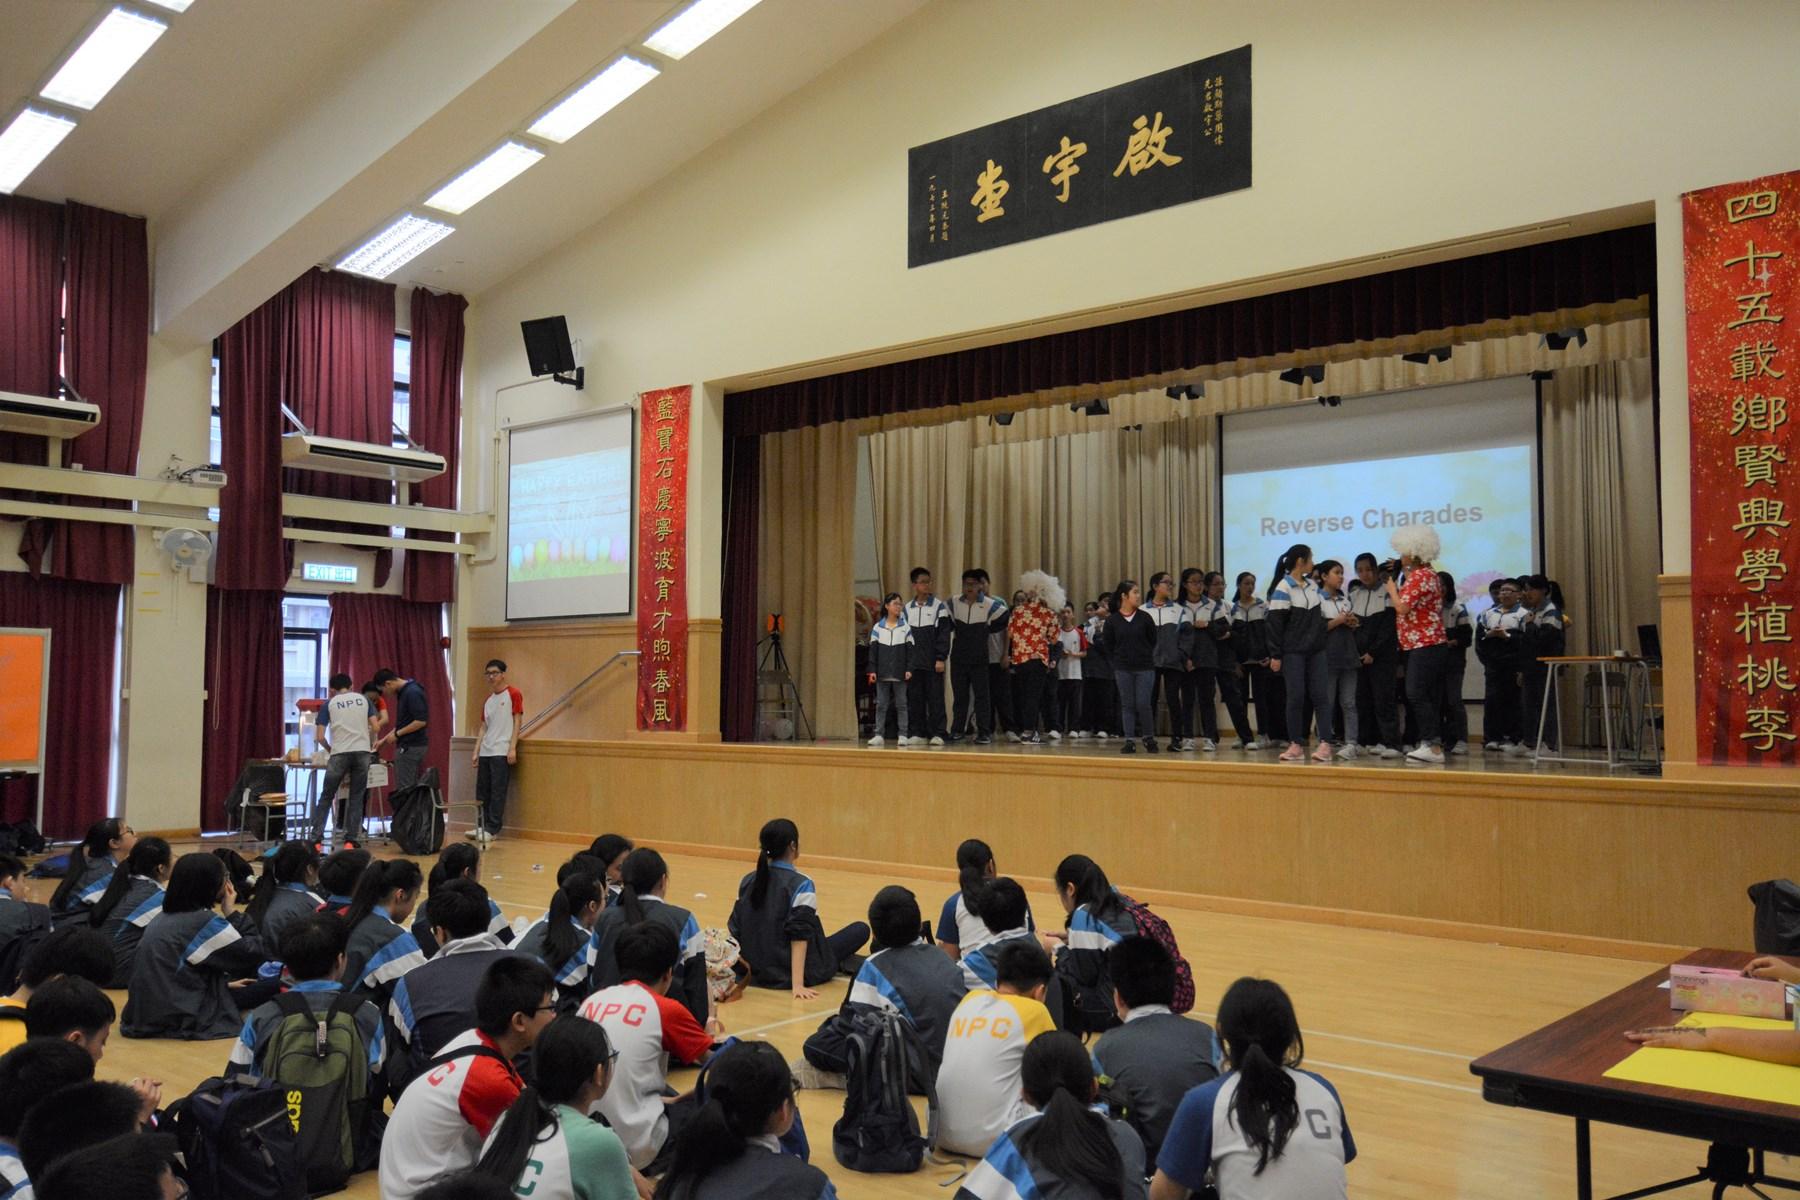 https://www.npc.edu.hk/sites/default/files/dsc_1410.jpg